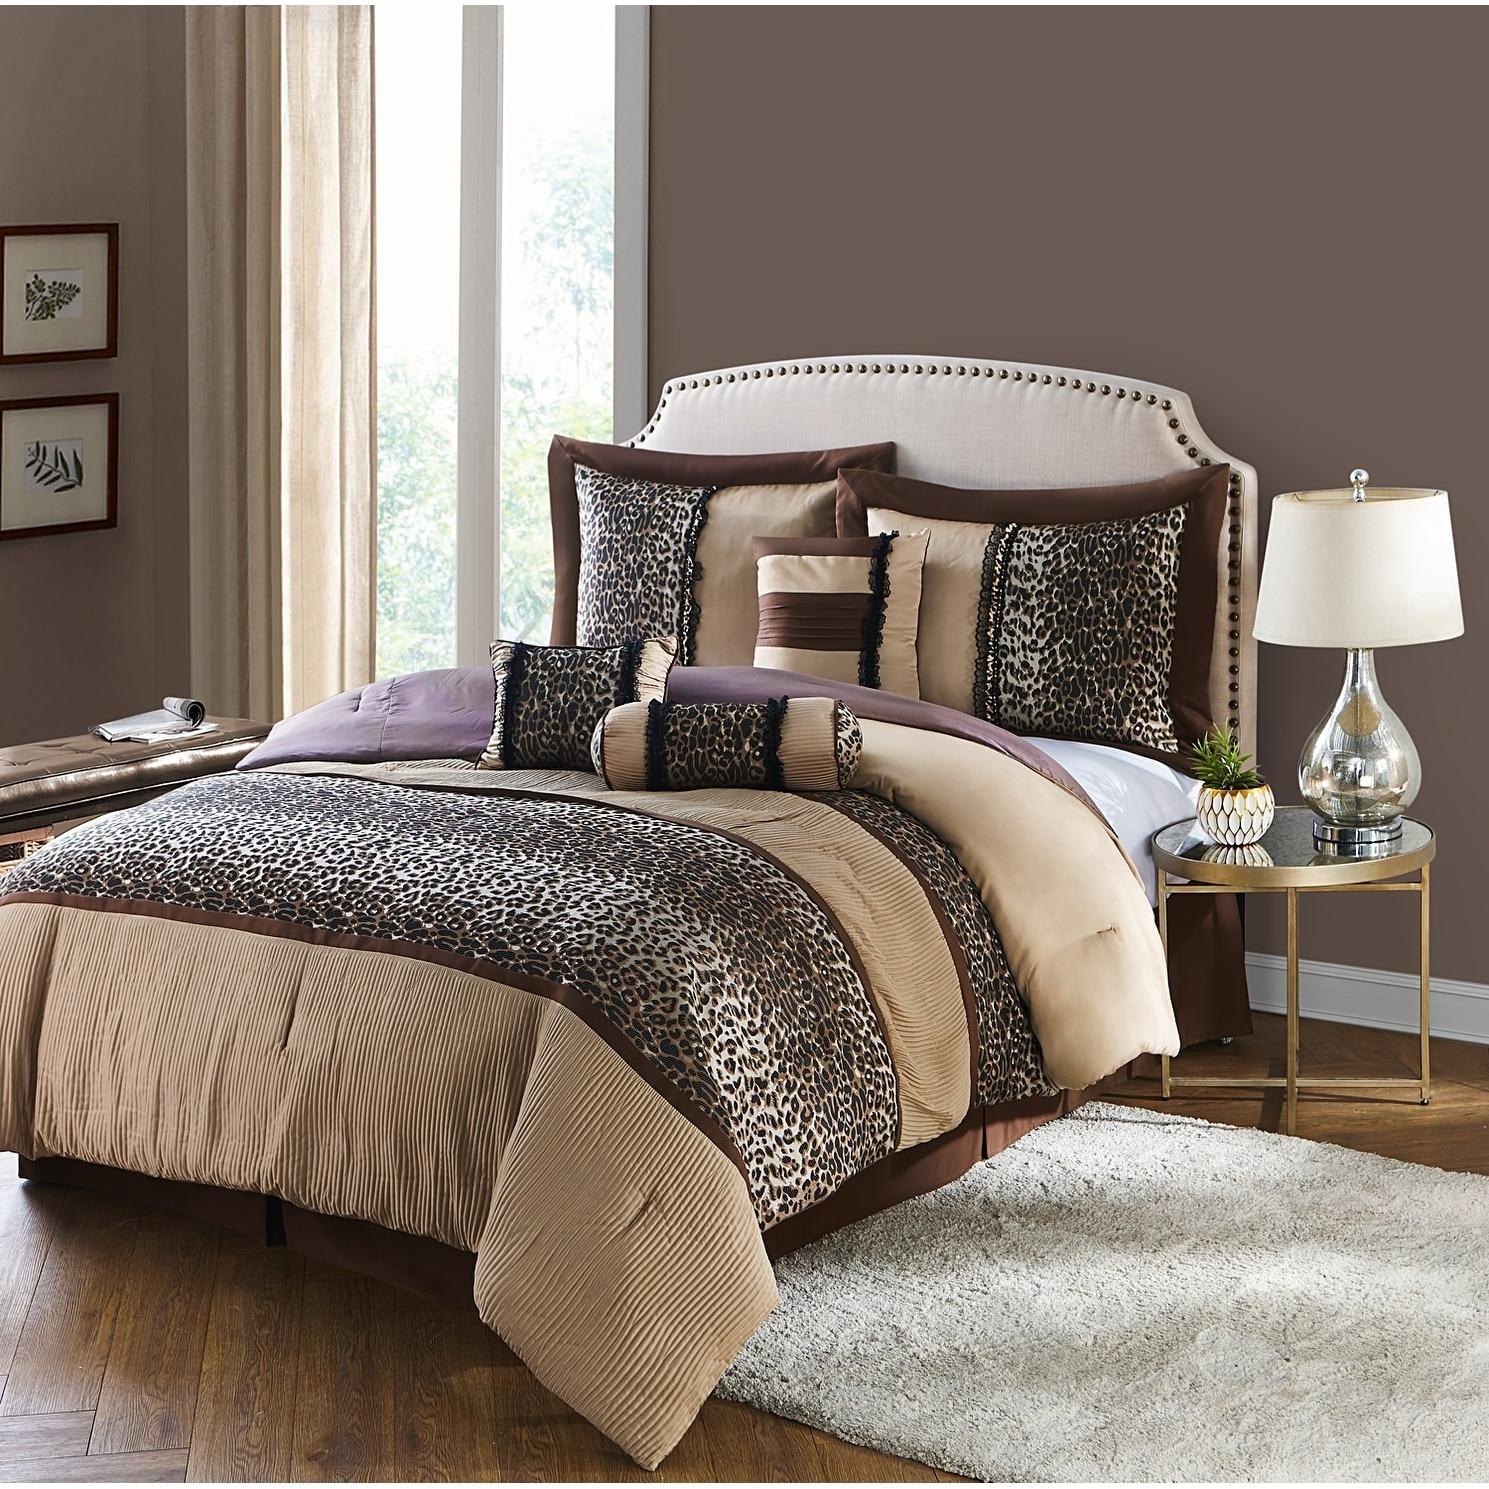 Nanshing Sadie 7-piece Comforter Set (Full), Beige (Polye...